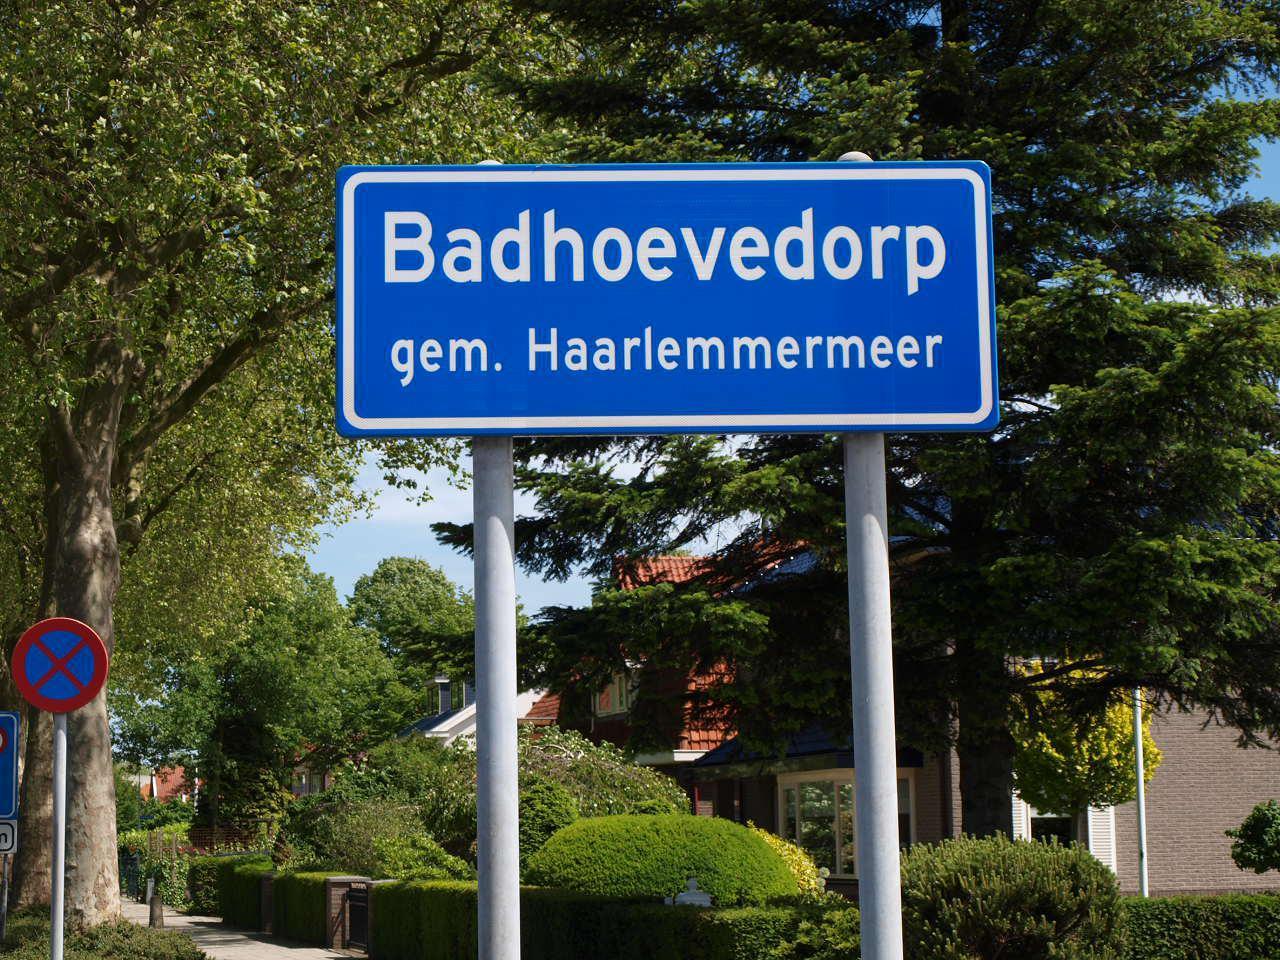 Buurt in verzet tegen appartementengebouw aan Sloterweg in Badhoevedorp: 'Er zijn nu al te weinig parkeerplaatsen'